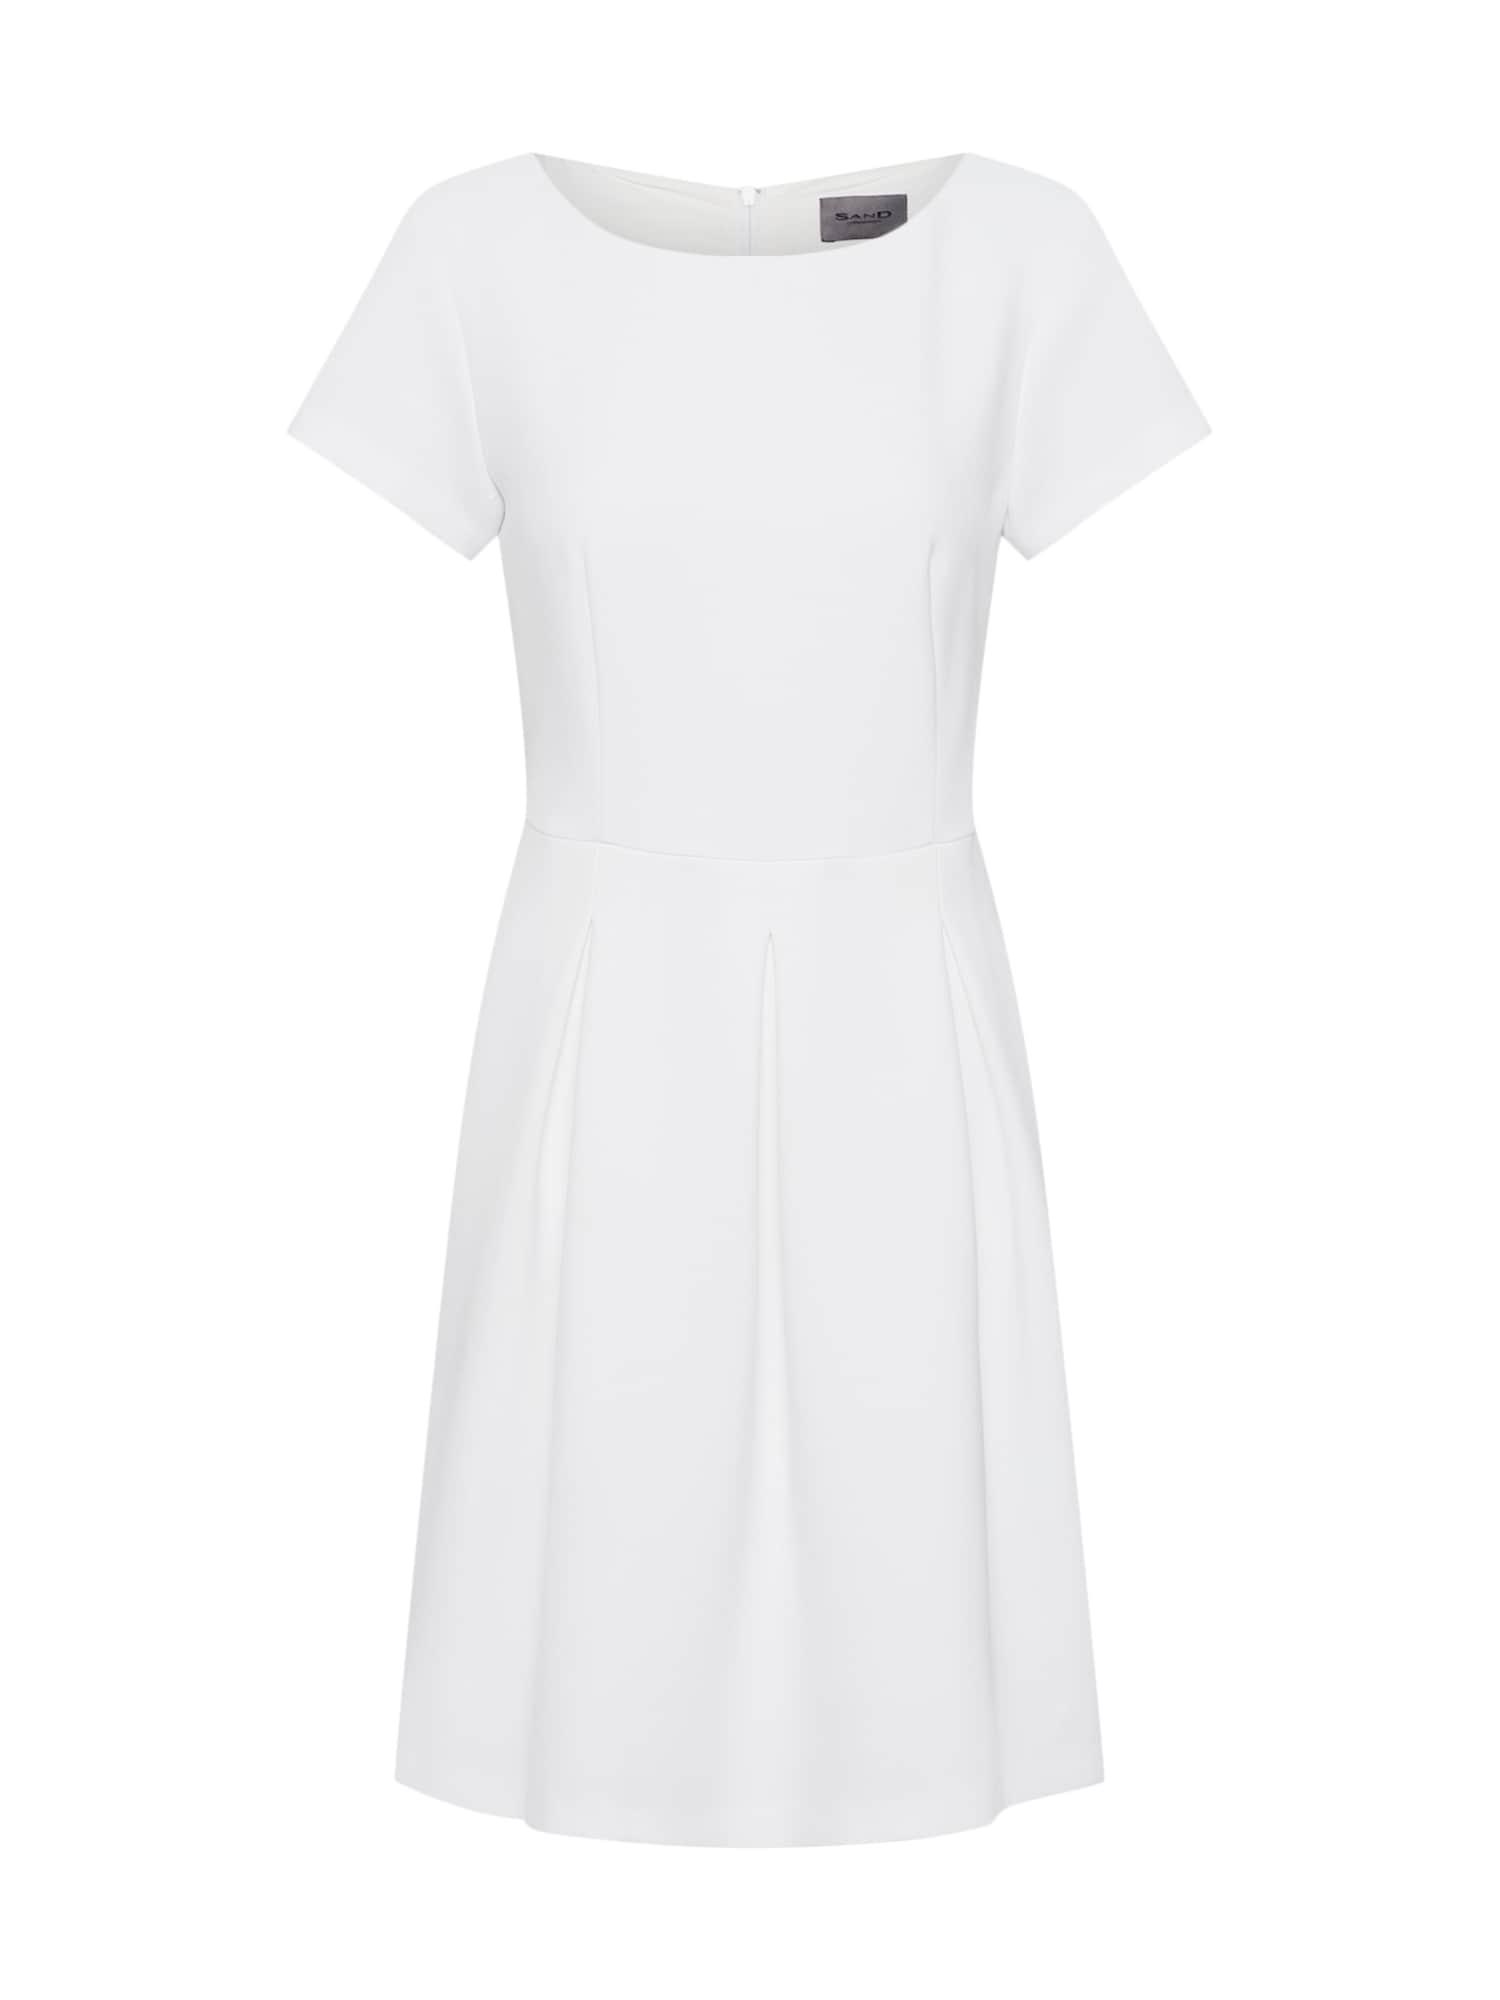 Koktejlové šaty Norma bílá SAND COPENHAGEN